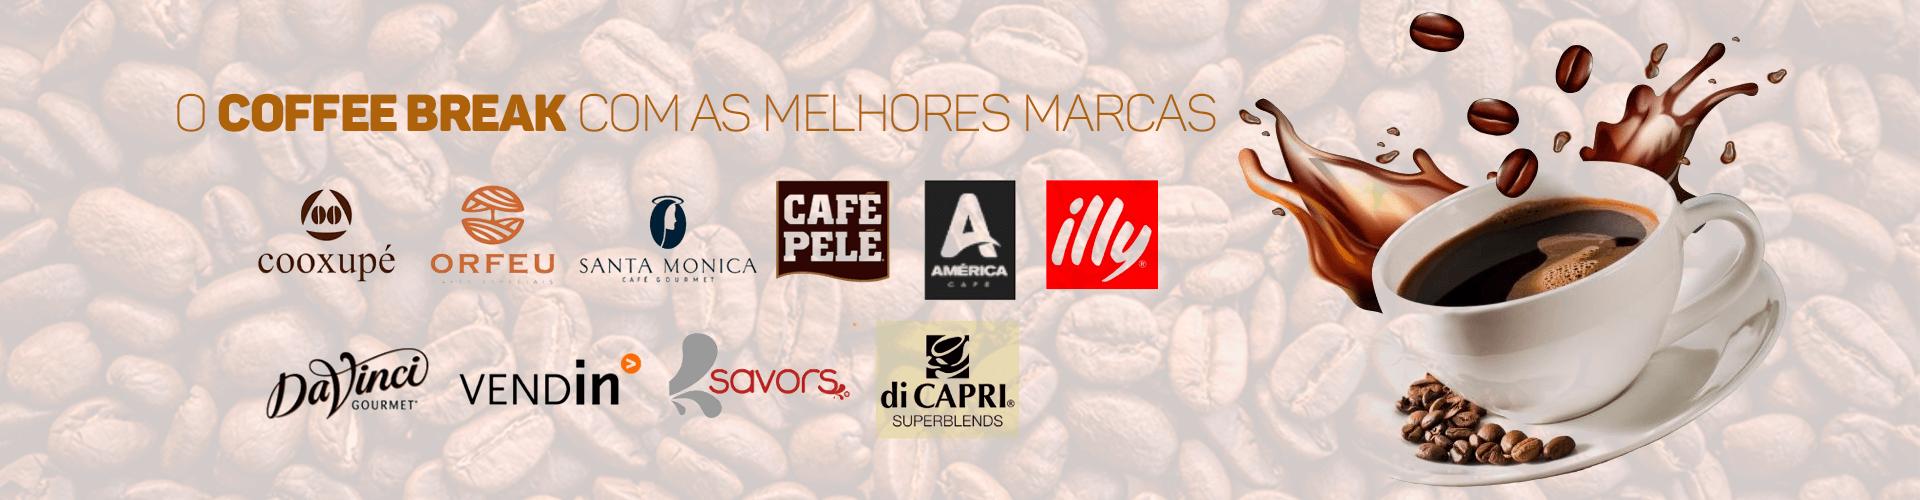 full banner Melhores Marcas